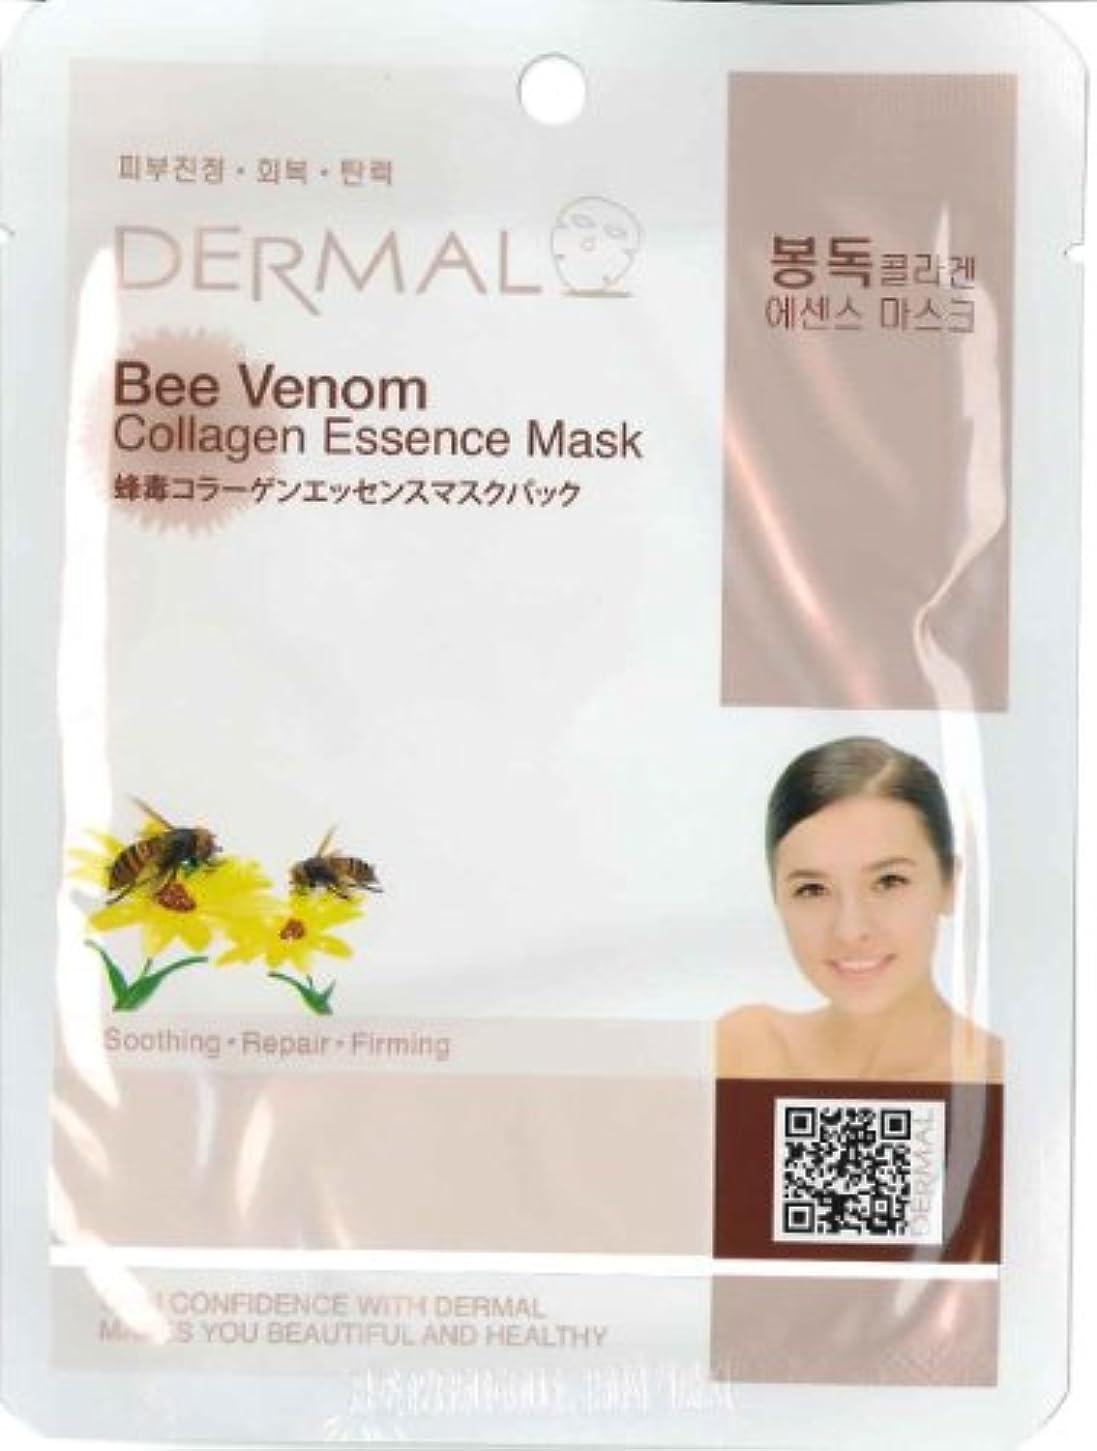 狂うガラス近傍蜂毒パック(フェイスパック)ミツバチ毒シートマスク 100枚セット ダーマル(Dermal)